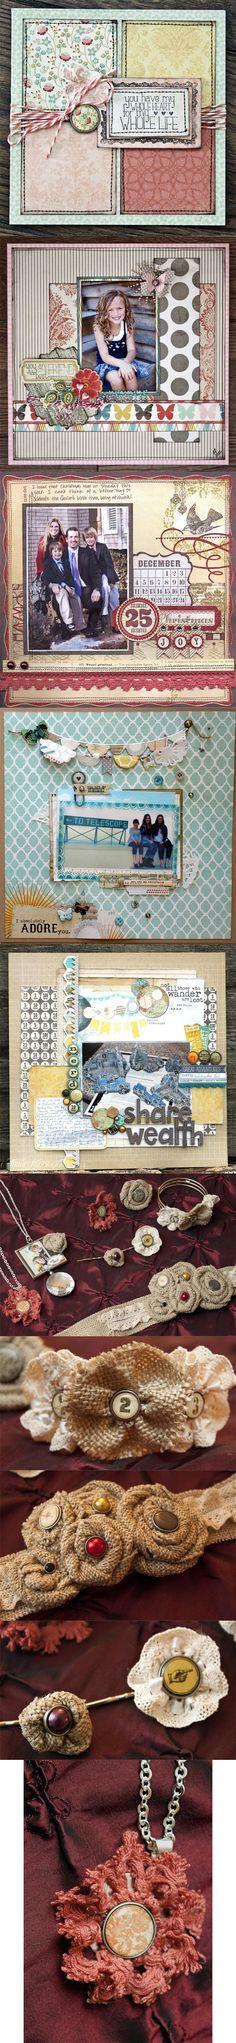 3816 Best Scrapbook Ideas Images On Pinterest In 2018 Scrapbooking